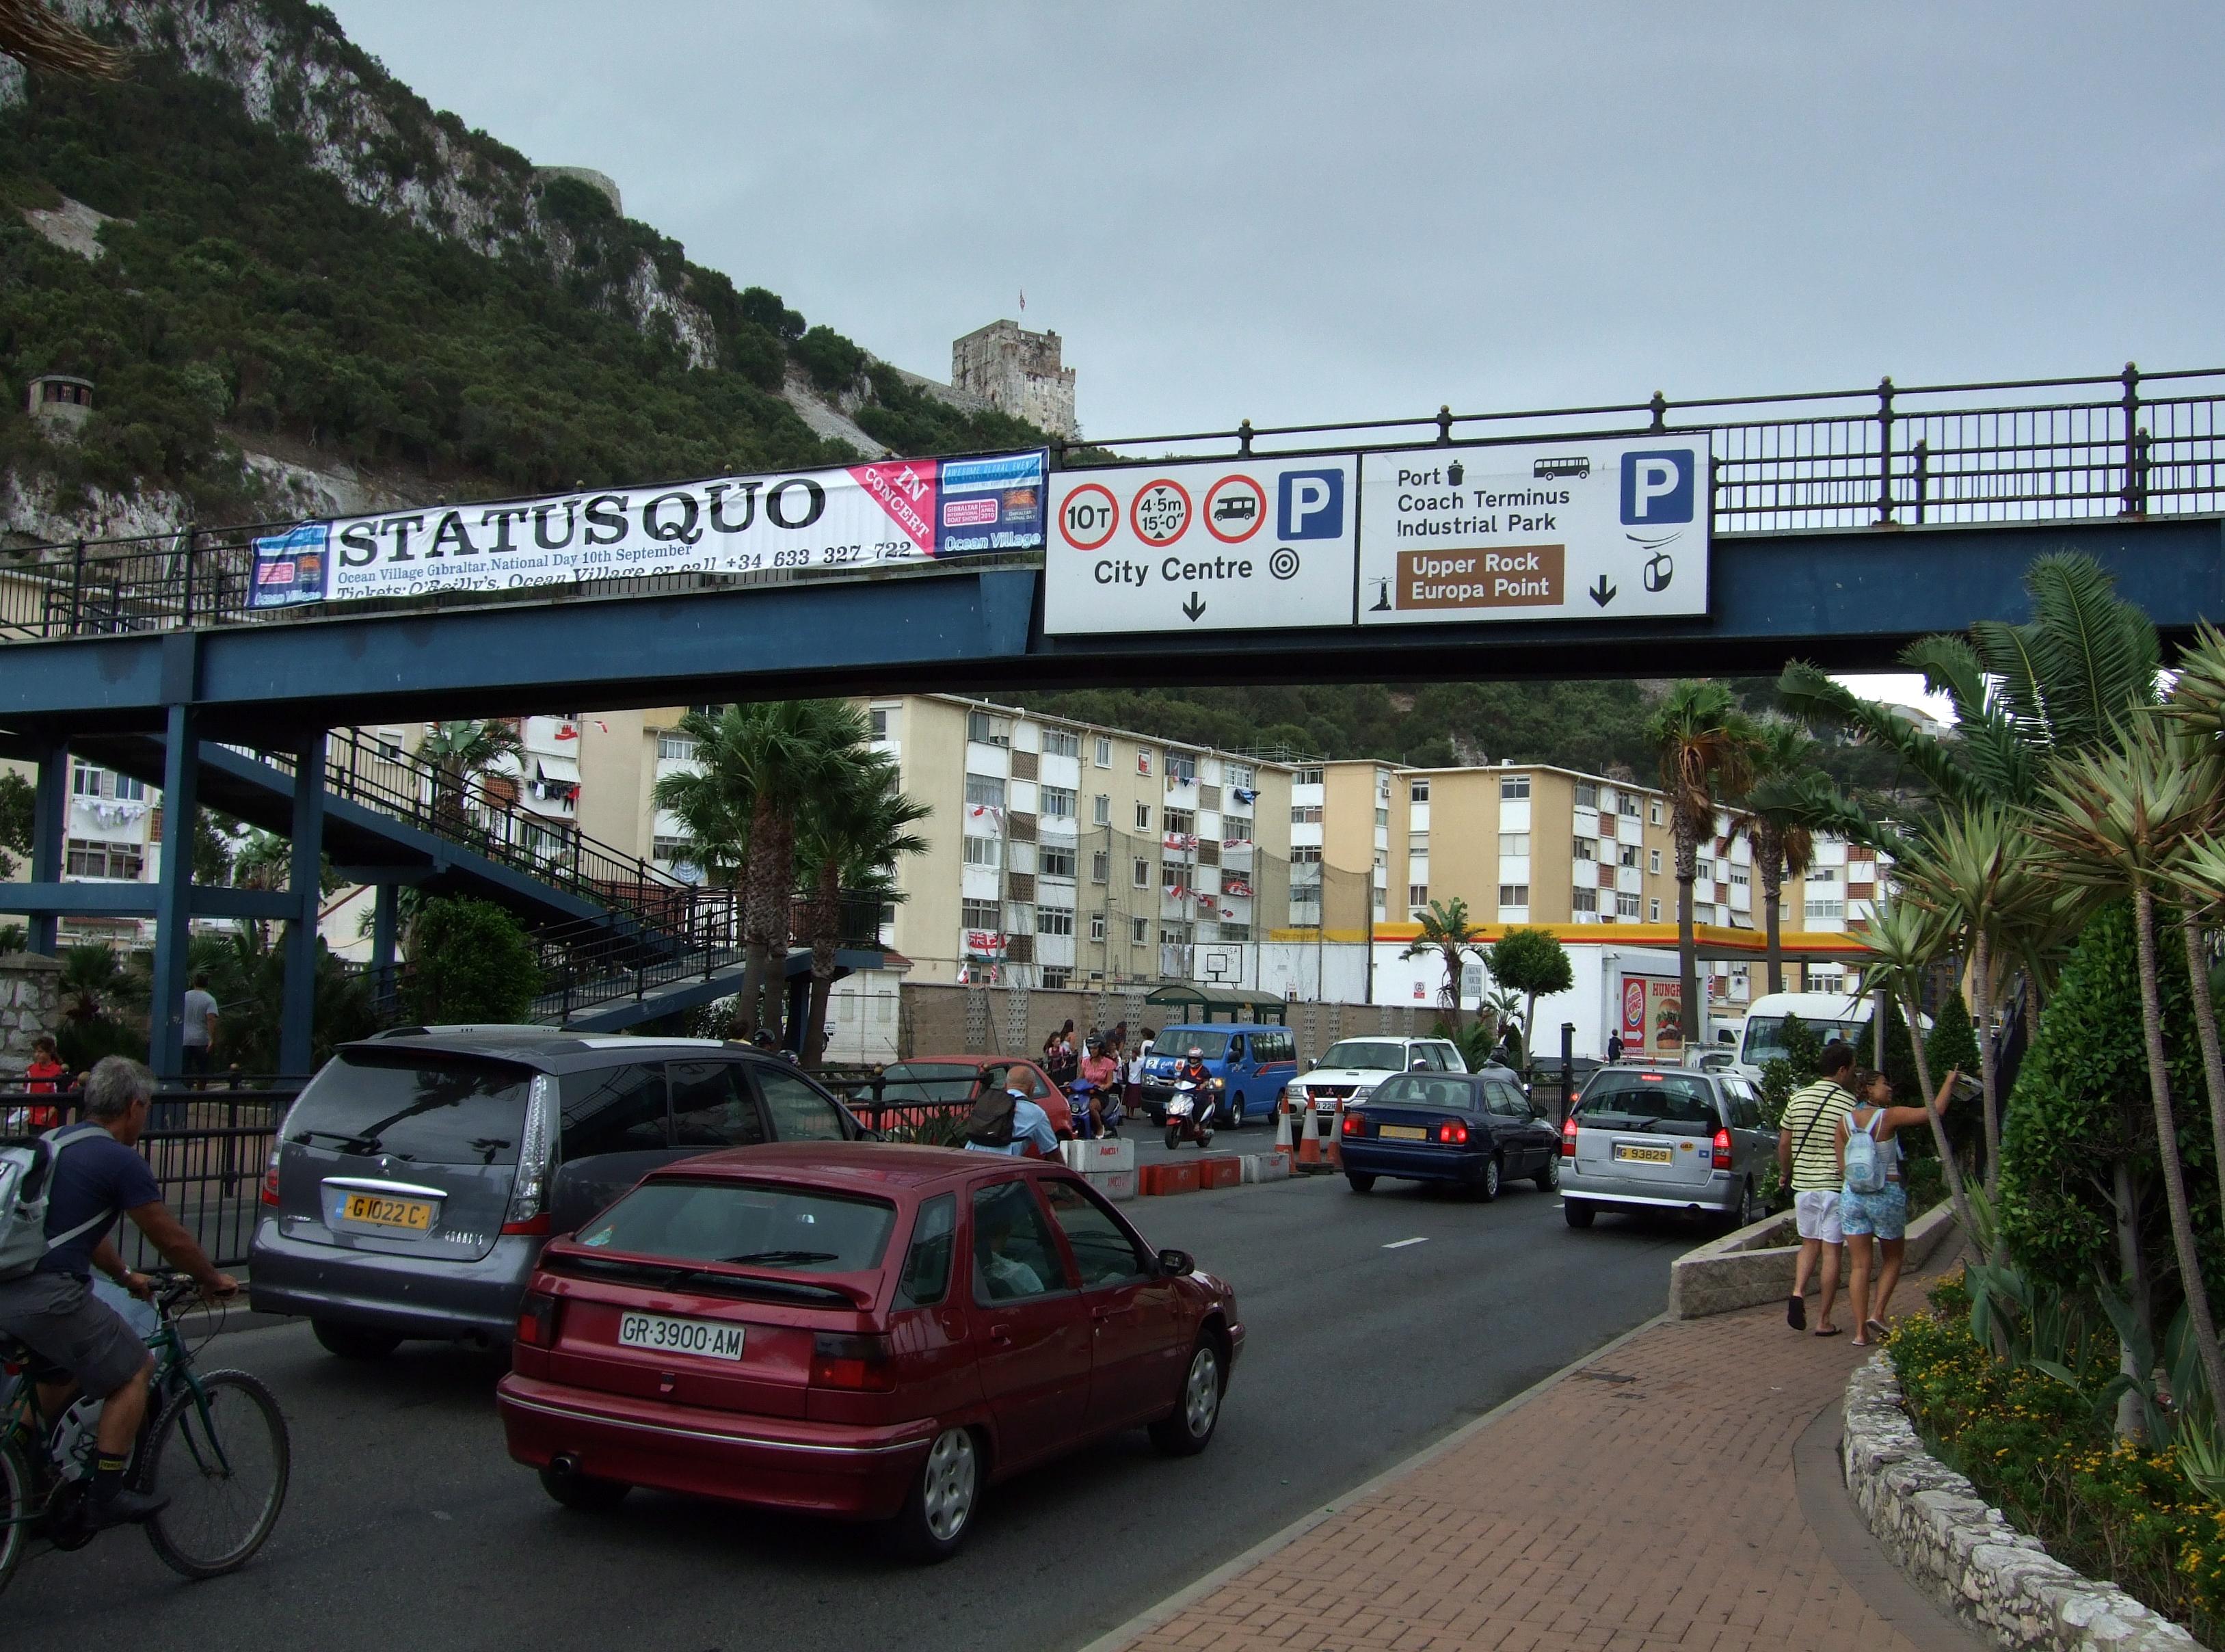 File:Winston Churchill Avenue Quo, Gibraltar.jpg